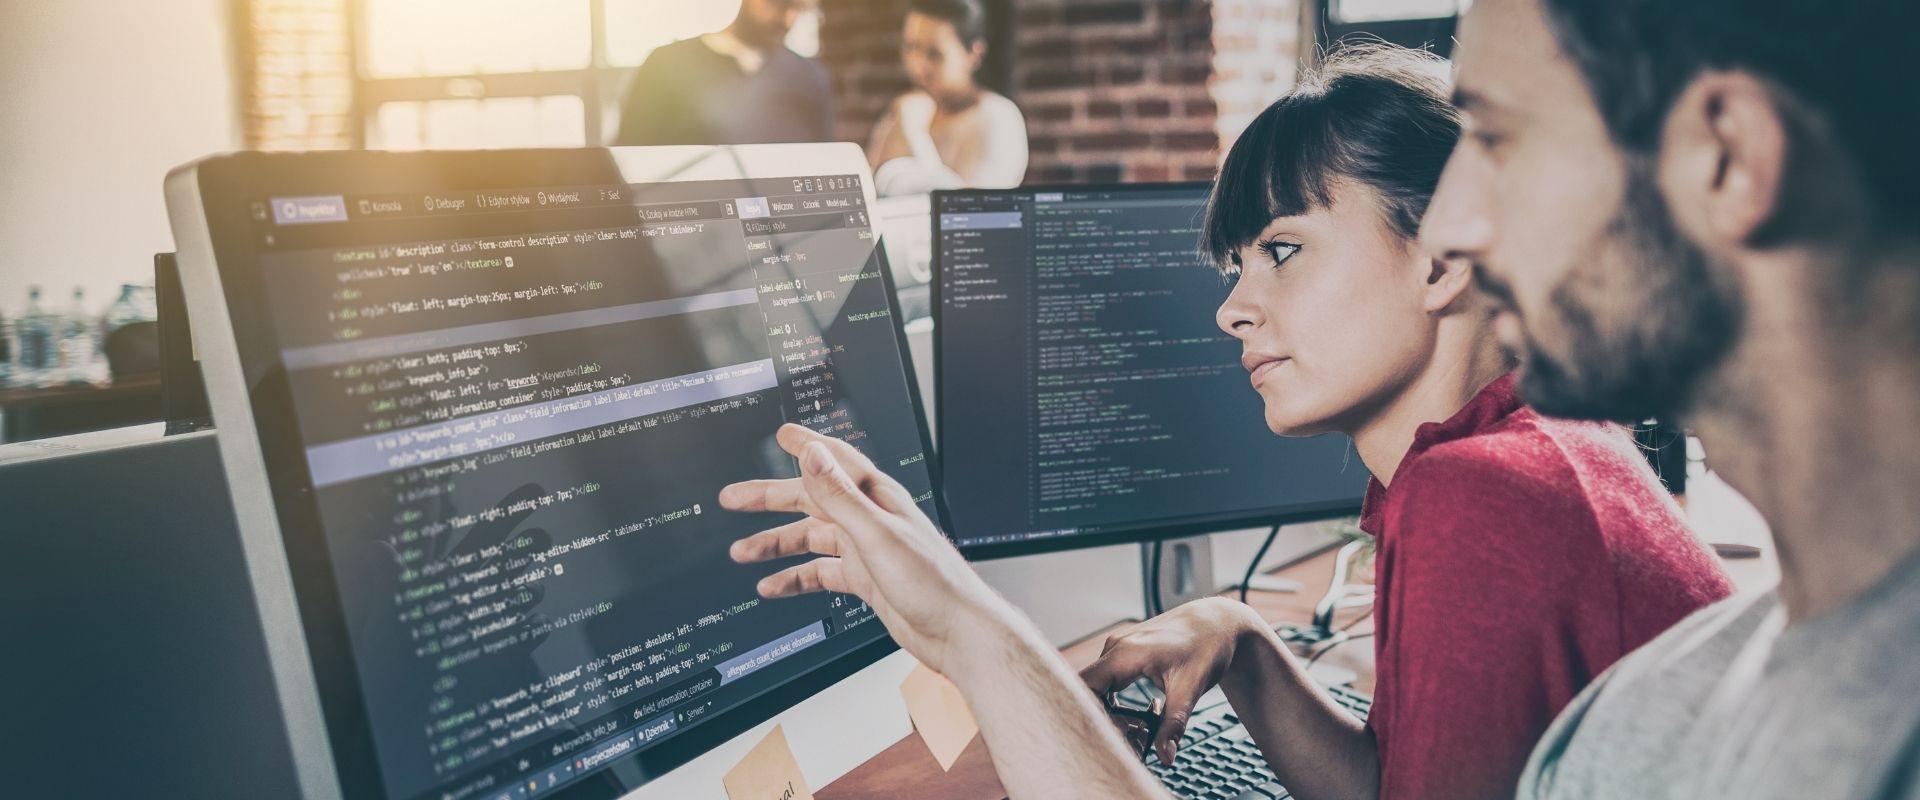 Por que um repositório único de código fonte é essencial para o aprendizado organizacional?